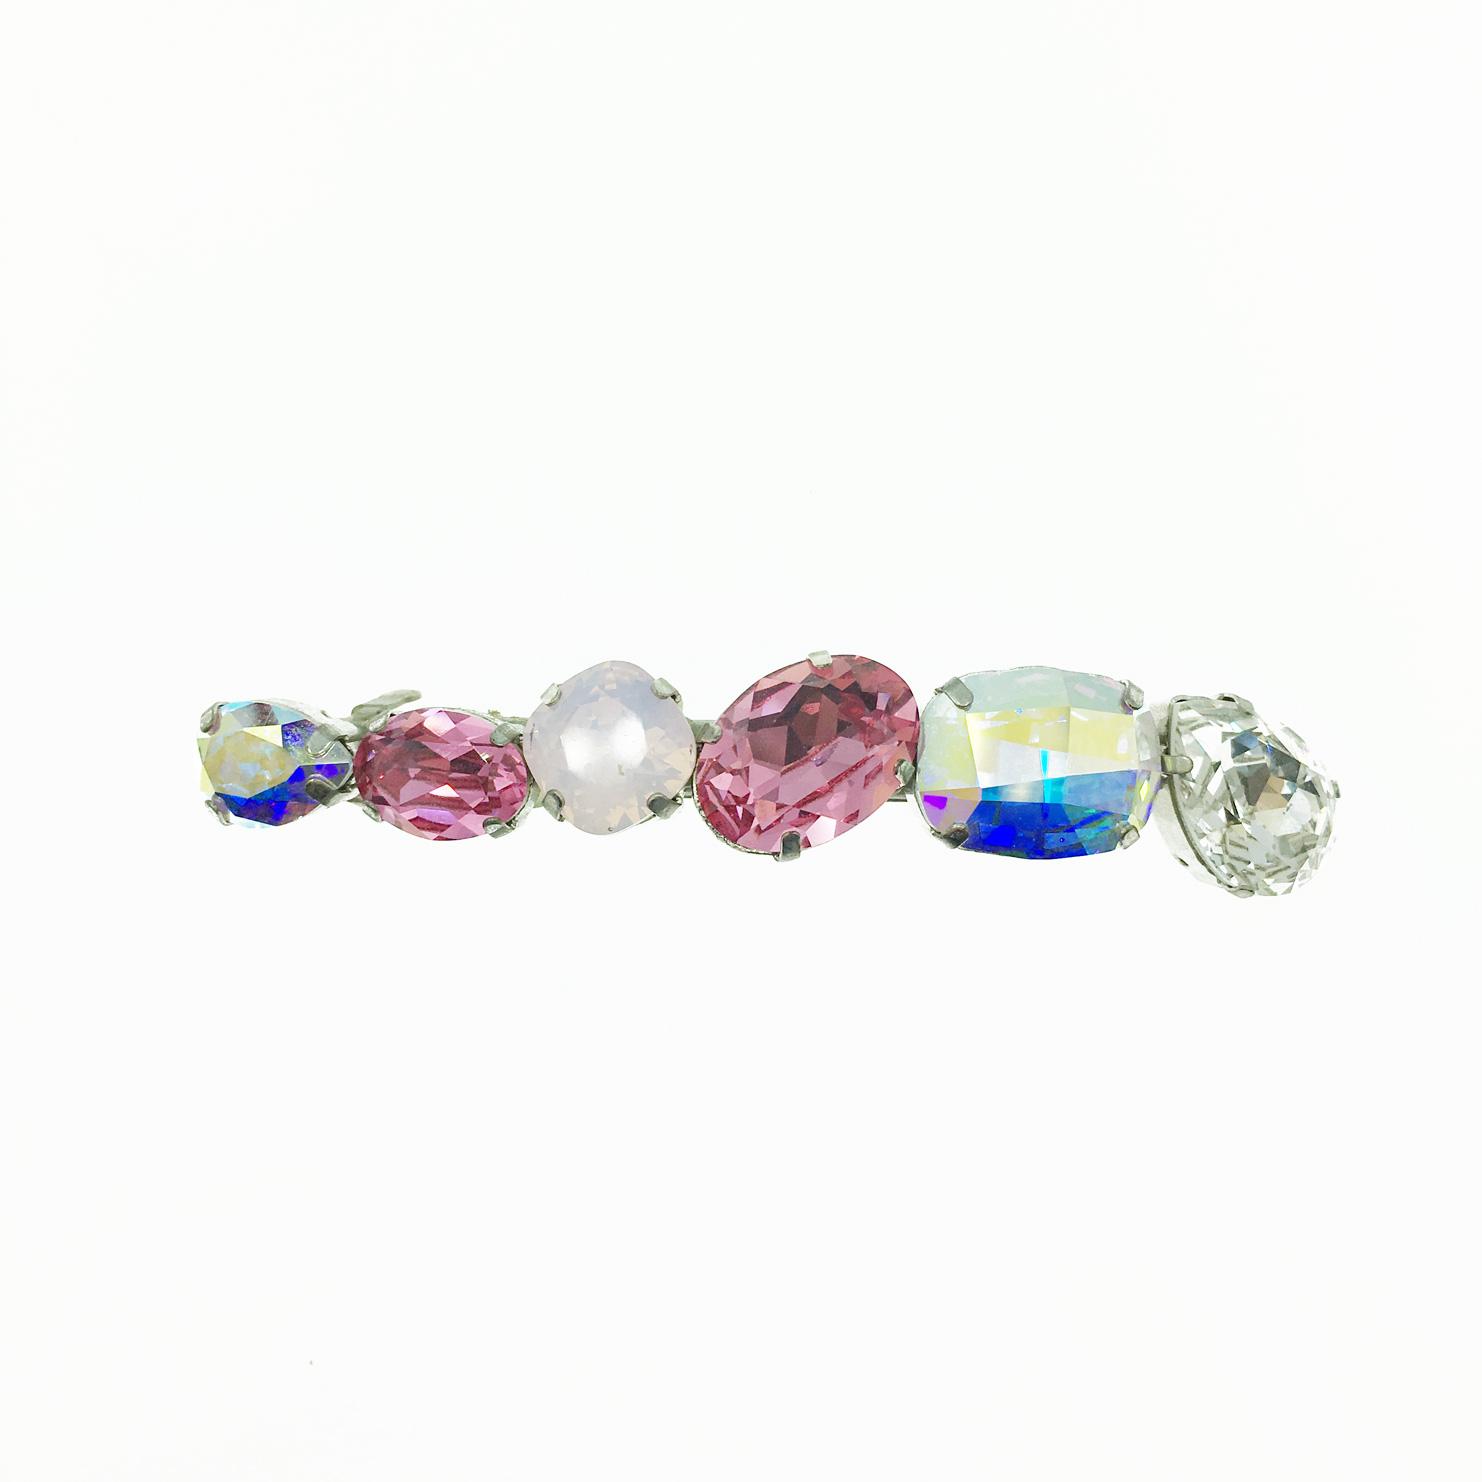 韓國 水鑽水晶 粉白鑽 甜美風 髮夾 自動夾 採用施華洛世奇水晶元素 Crystals from Swarovski